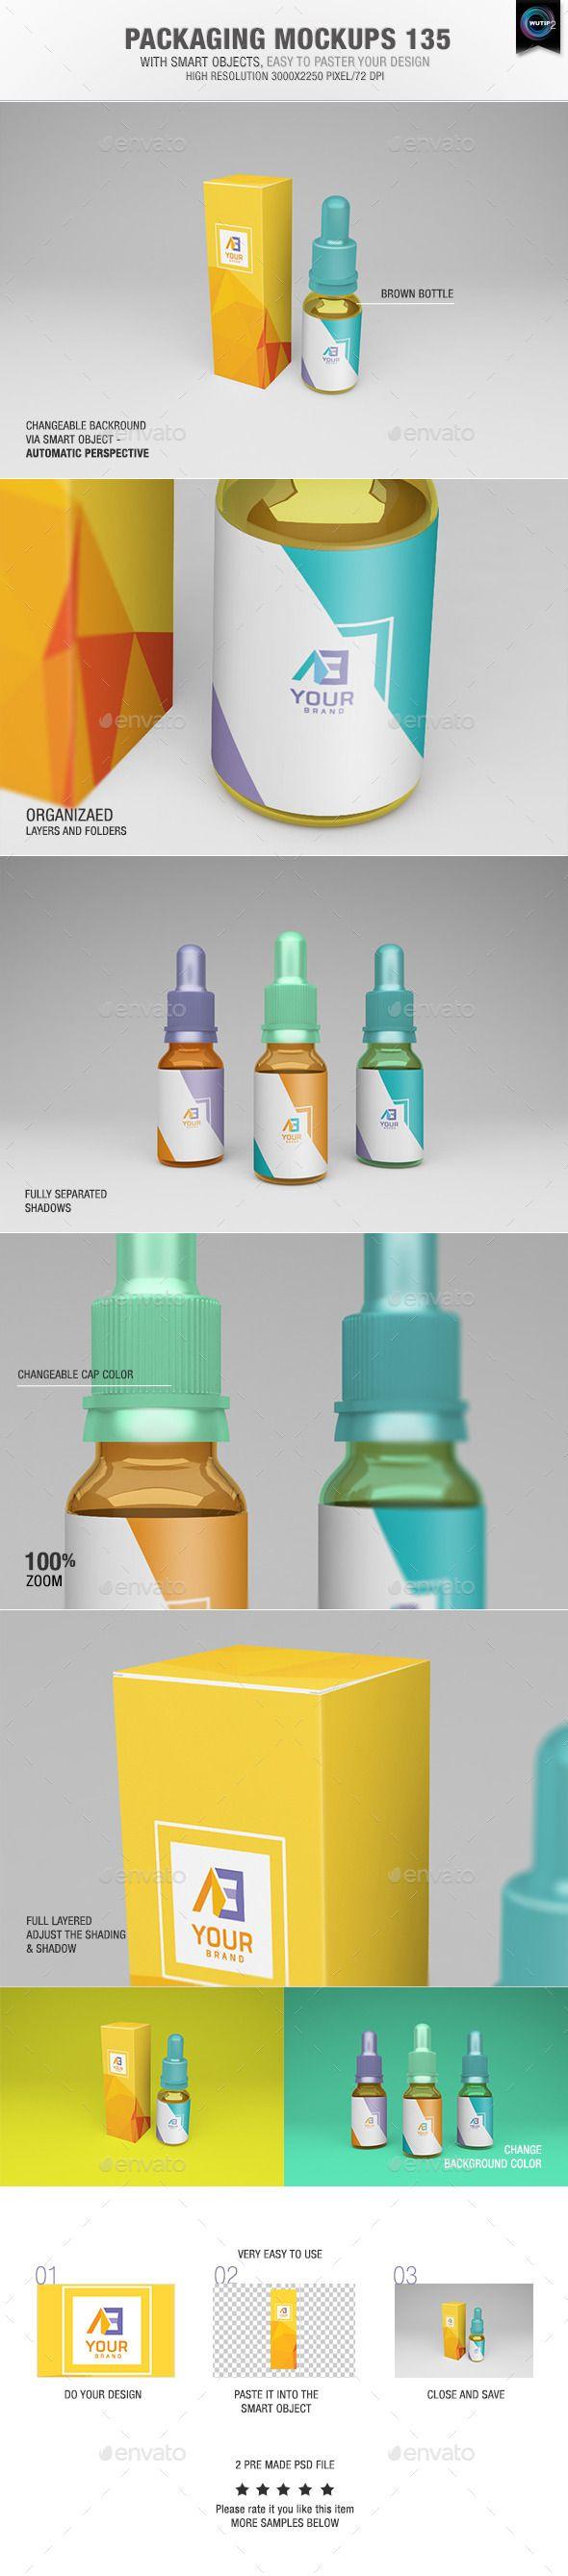 6 poster design photo mockups 57079 - Packaging Mock Ups 135